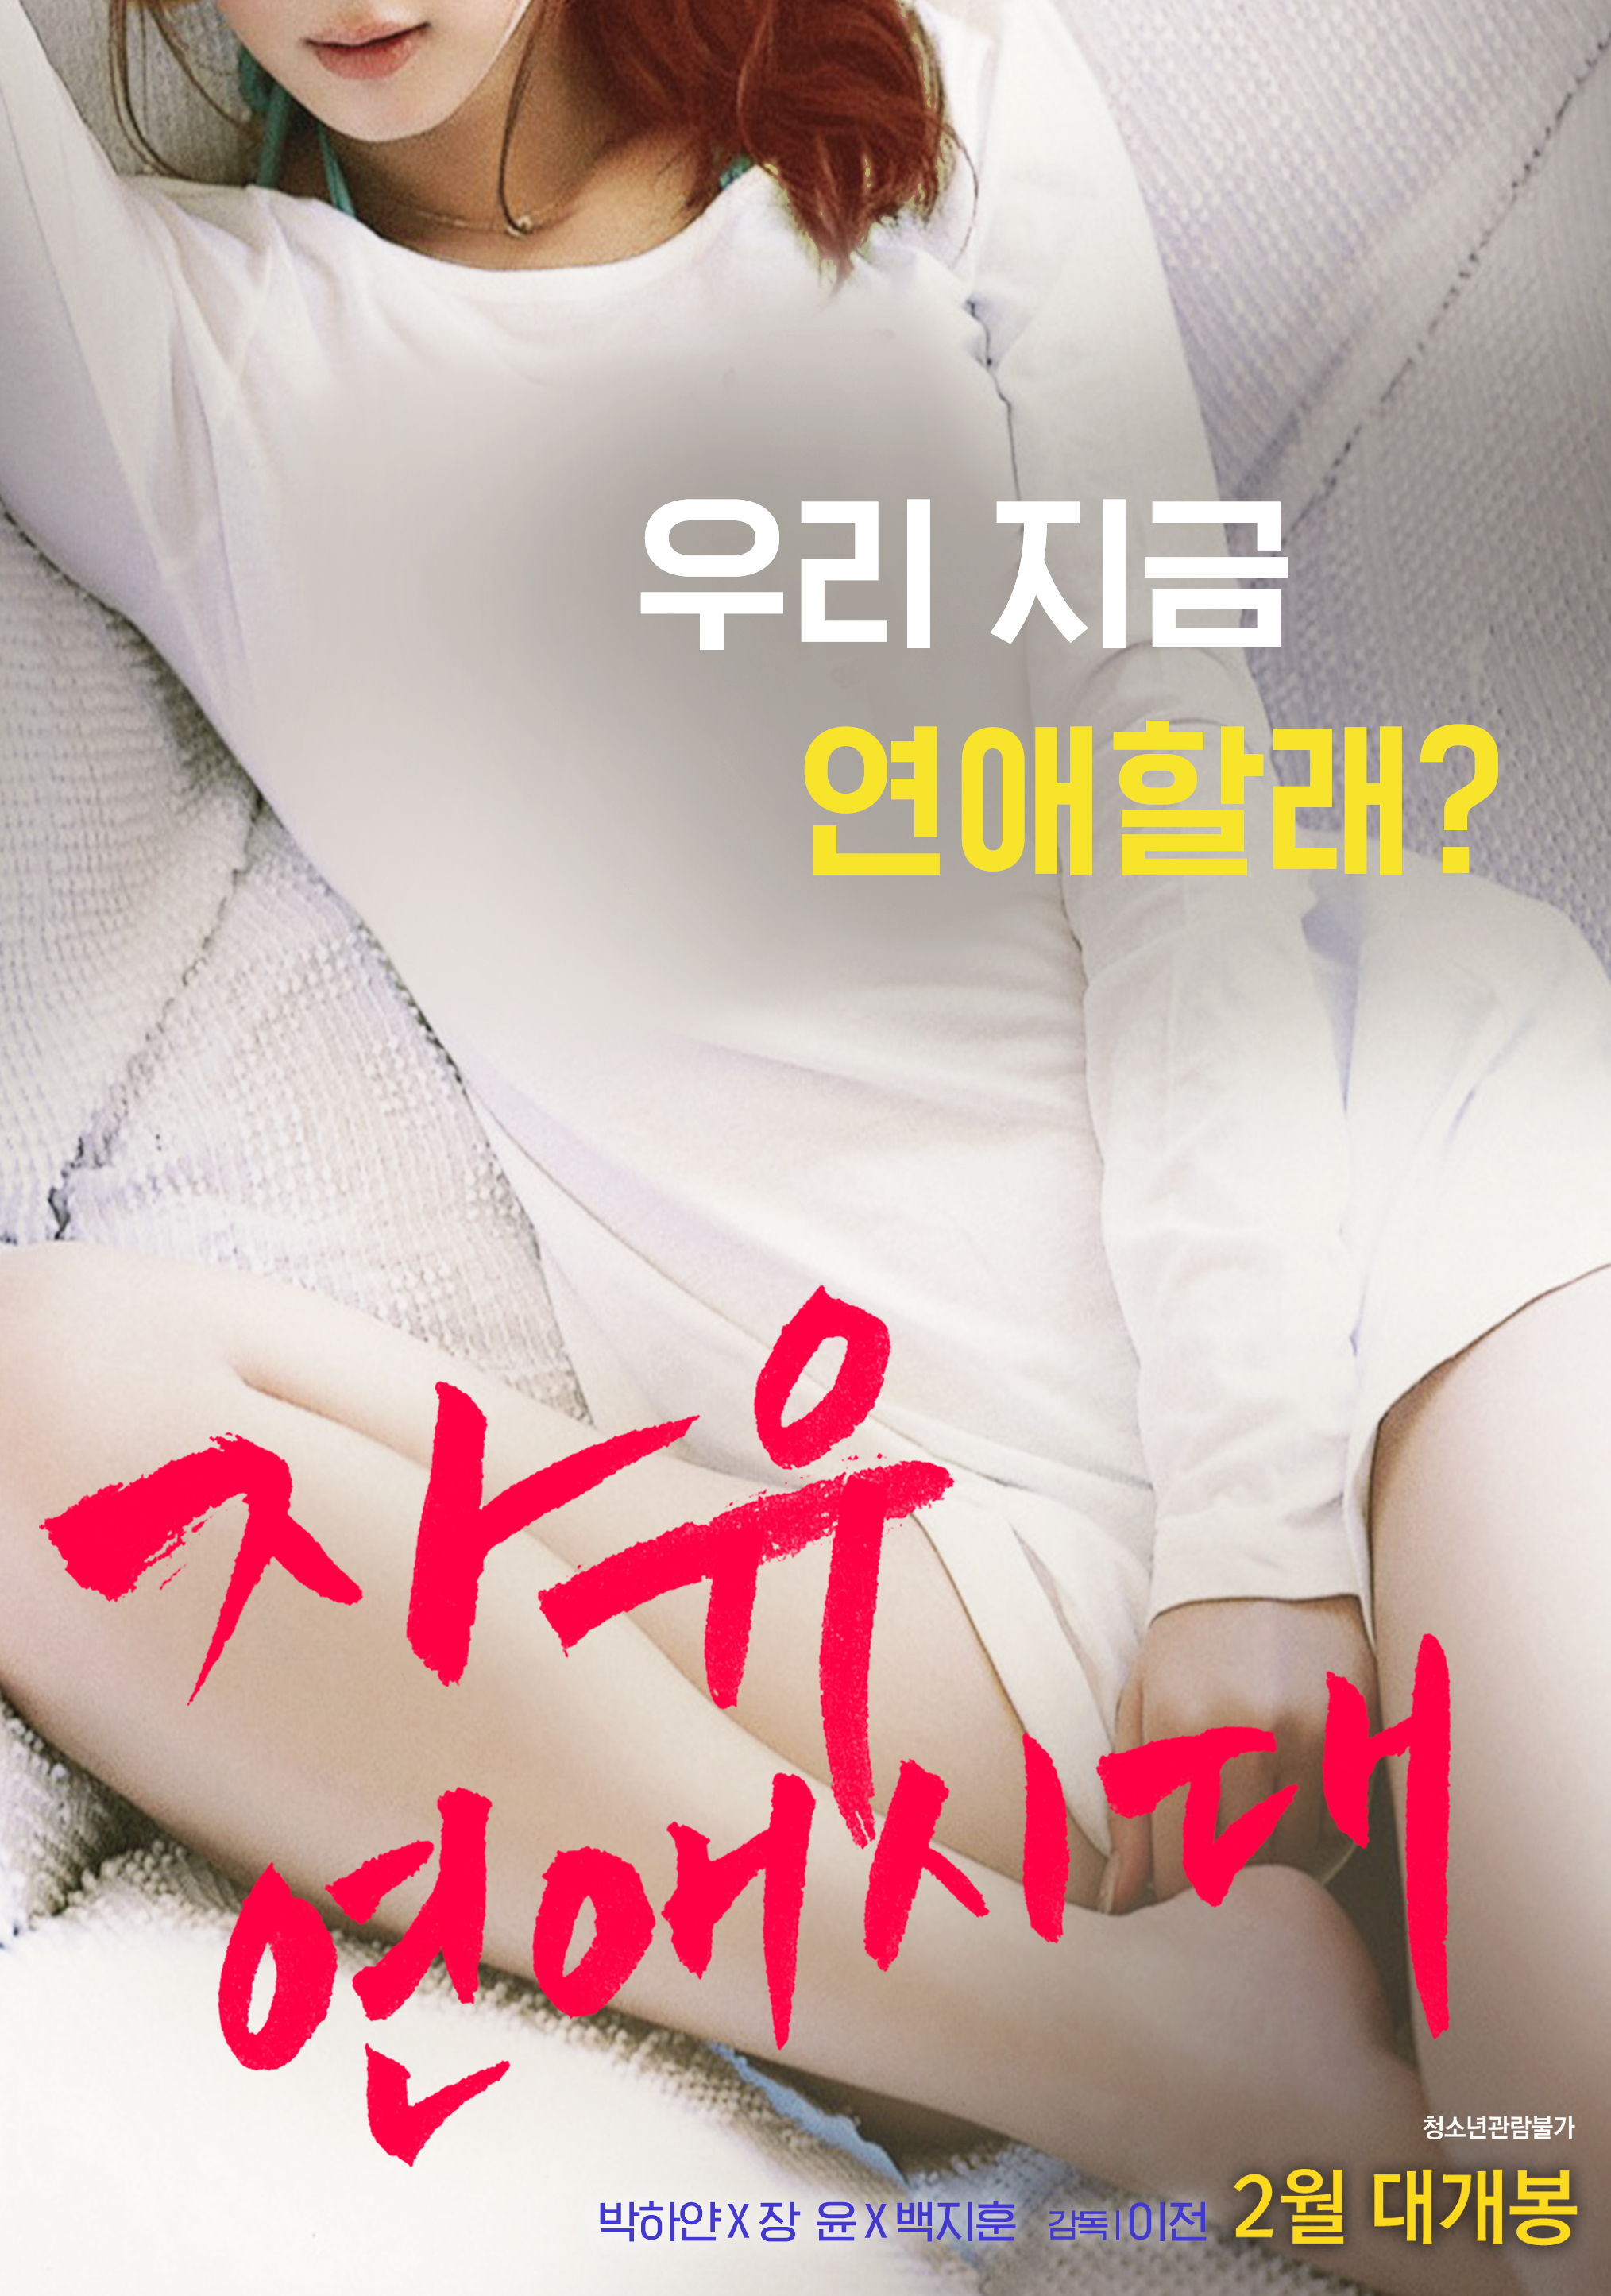 자유연애시대 (2016) (+19)